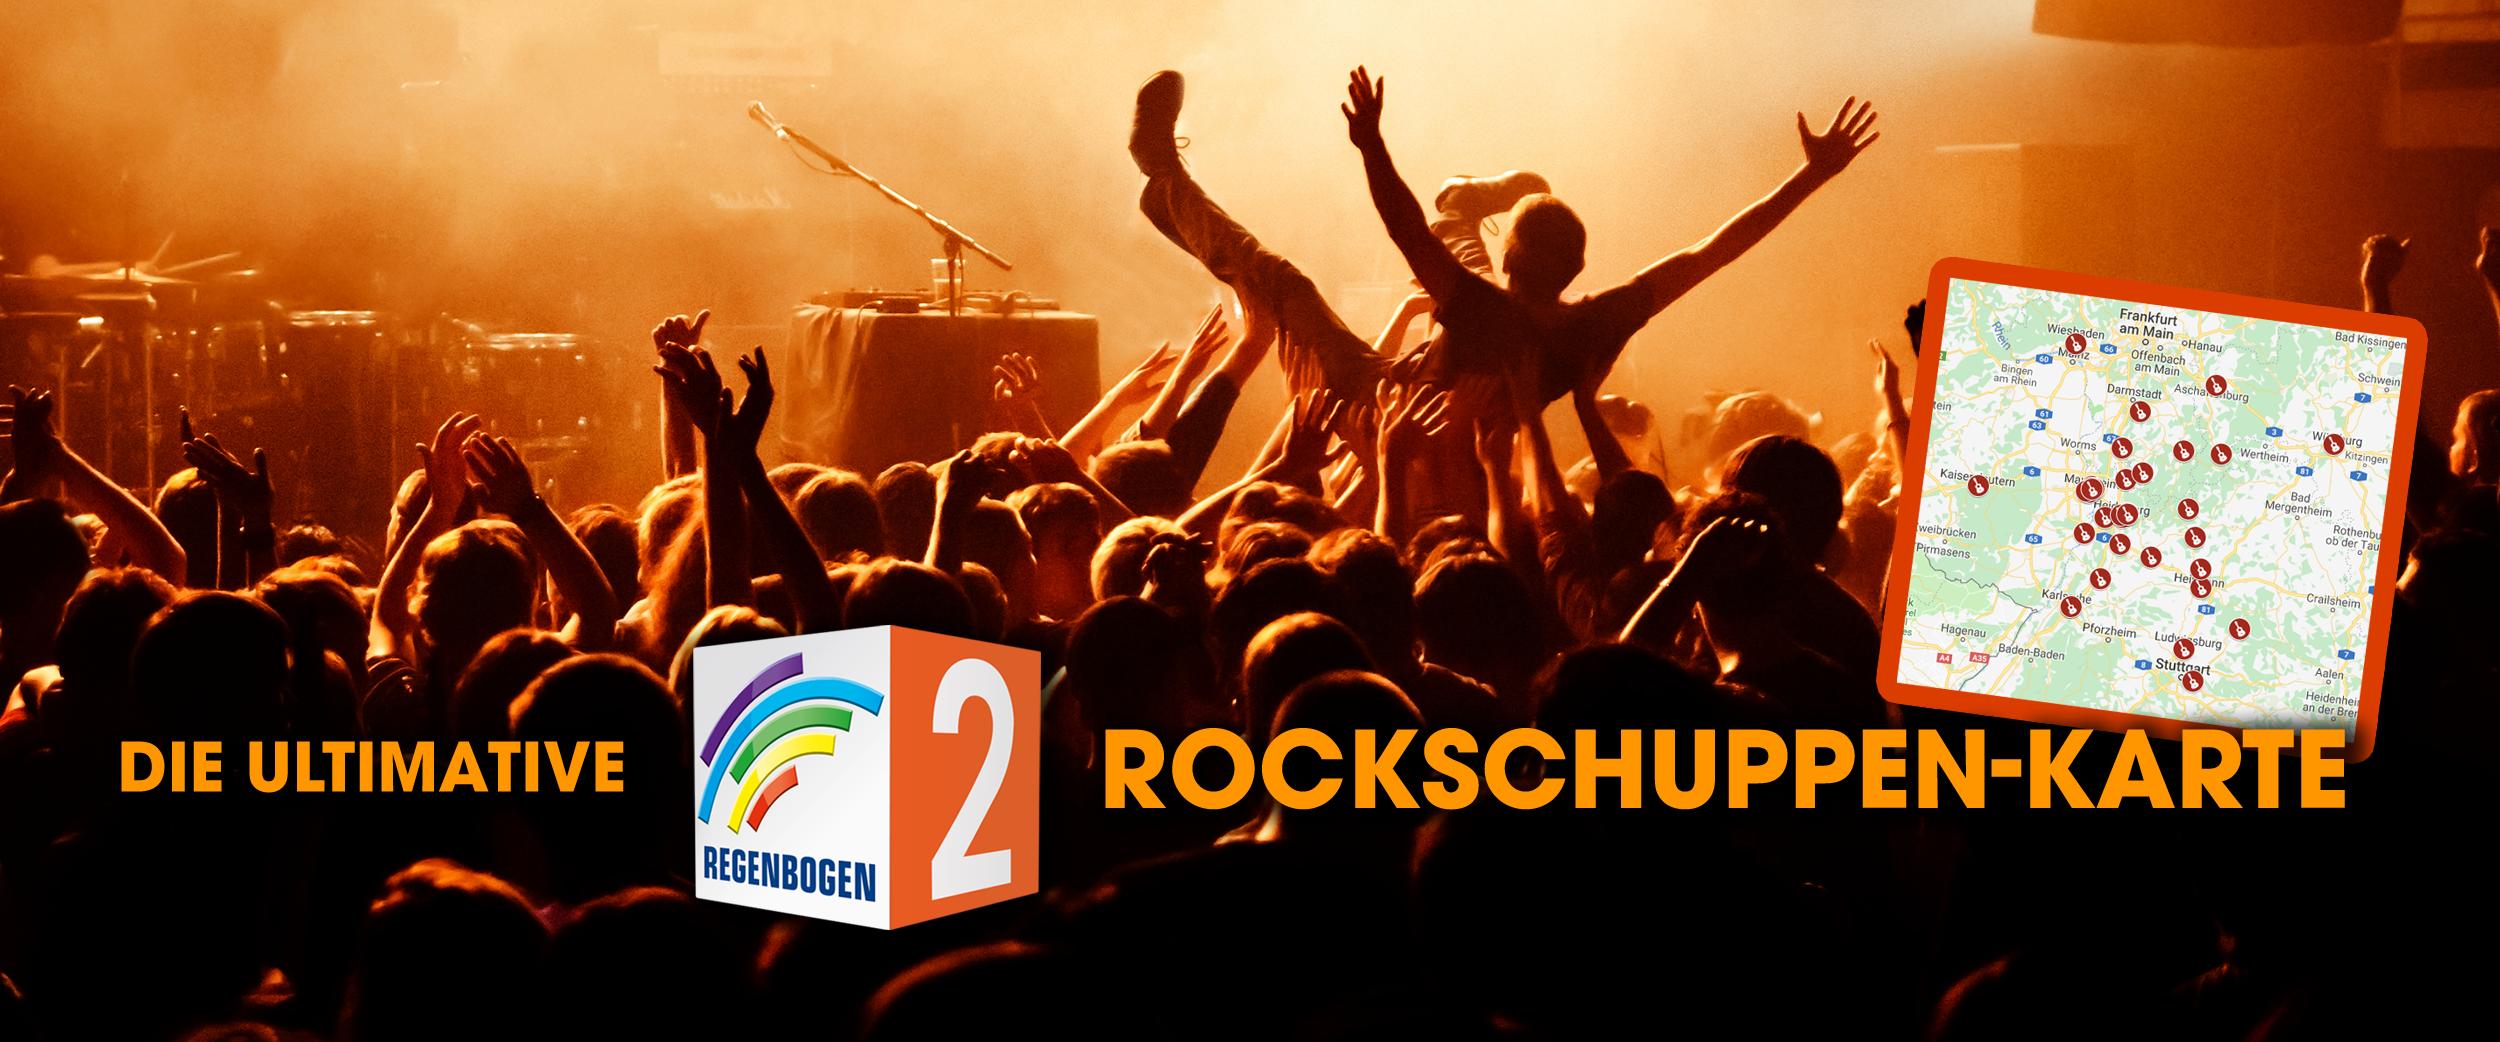 R2_Rockschuppen-Karte.png